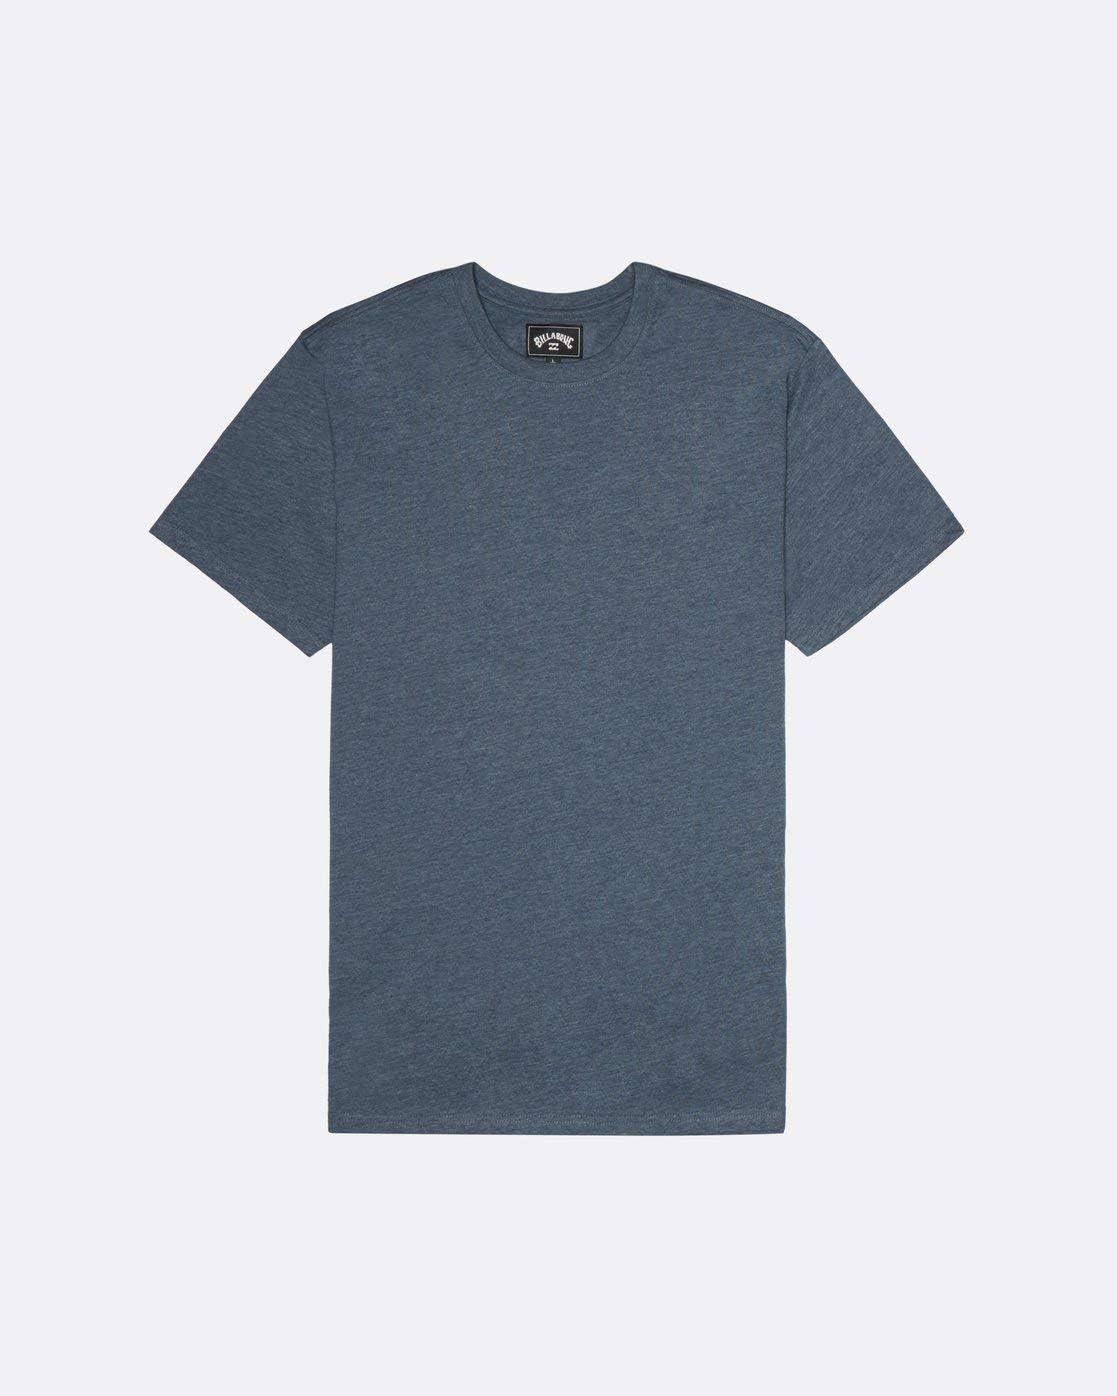 BILLABONG™ - Camiseta - Hombre - S - Azul: Billabong: Amazon.es: Ropa y accesorios